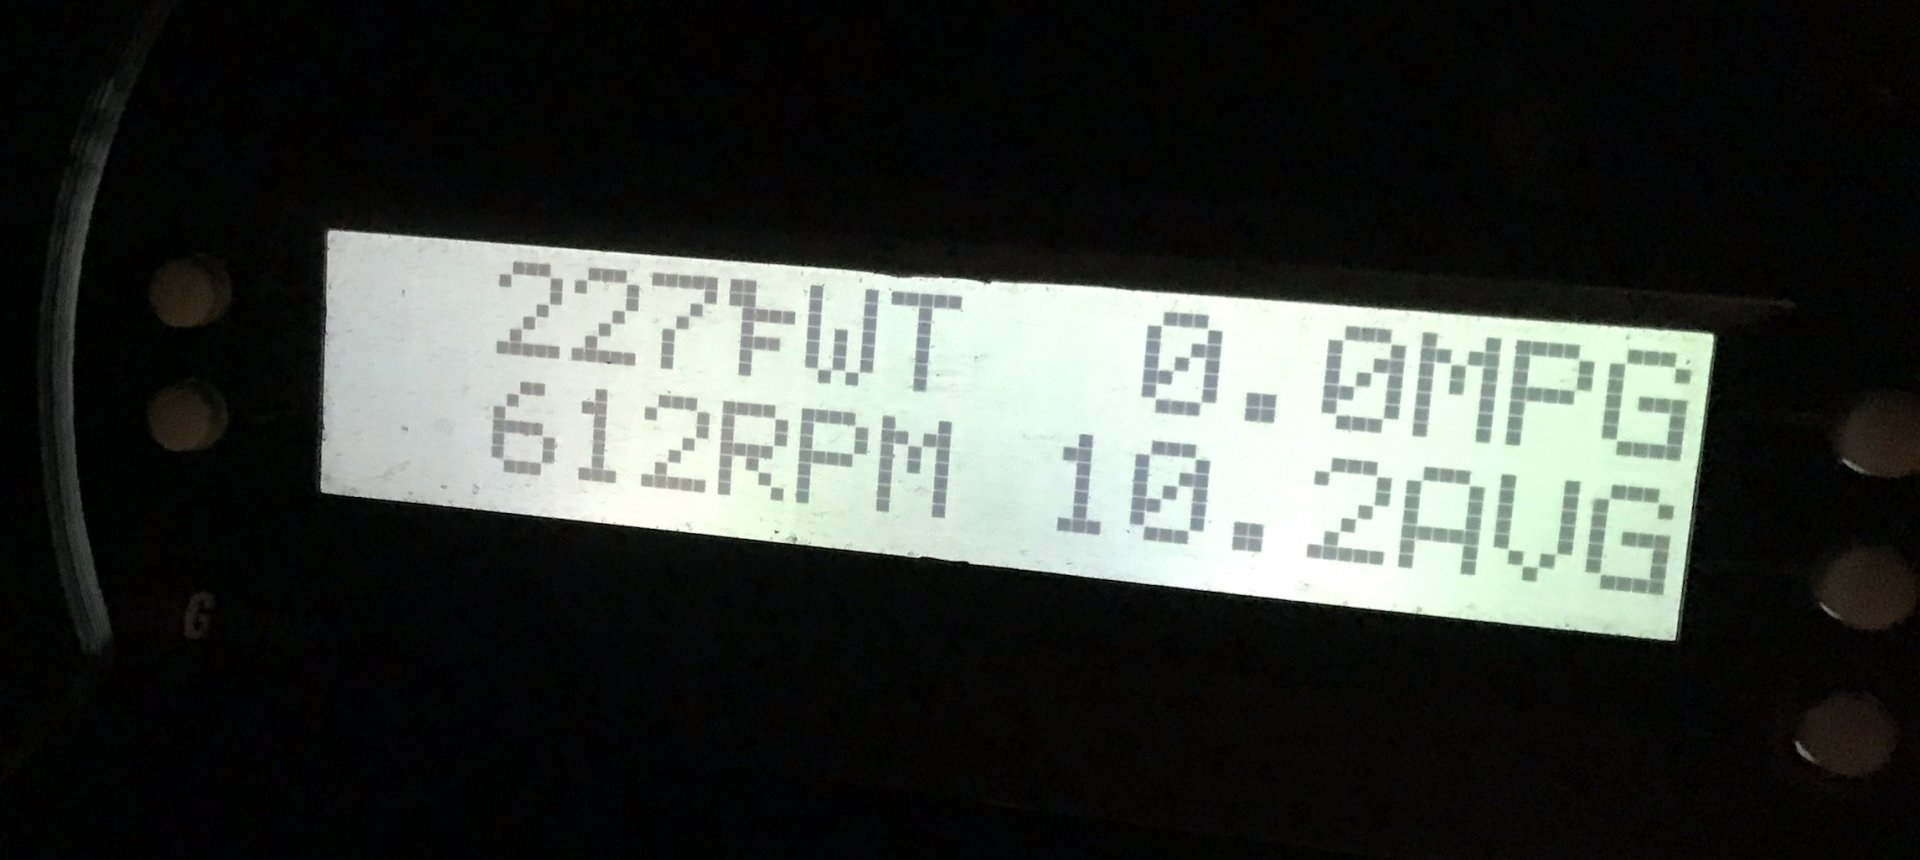 227.jpg